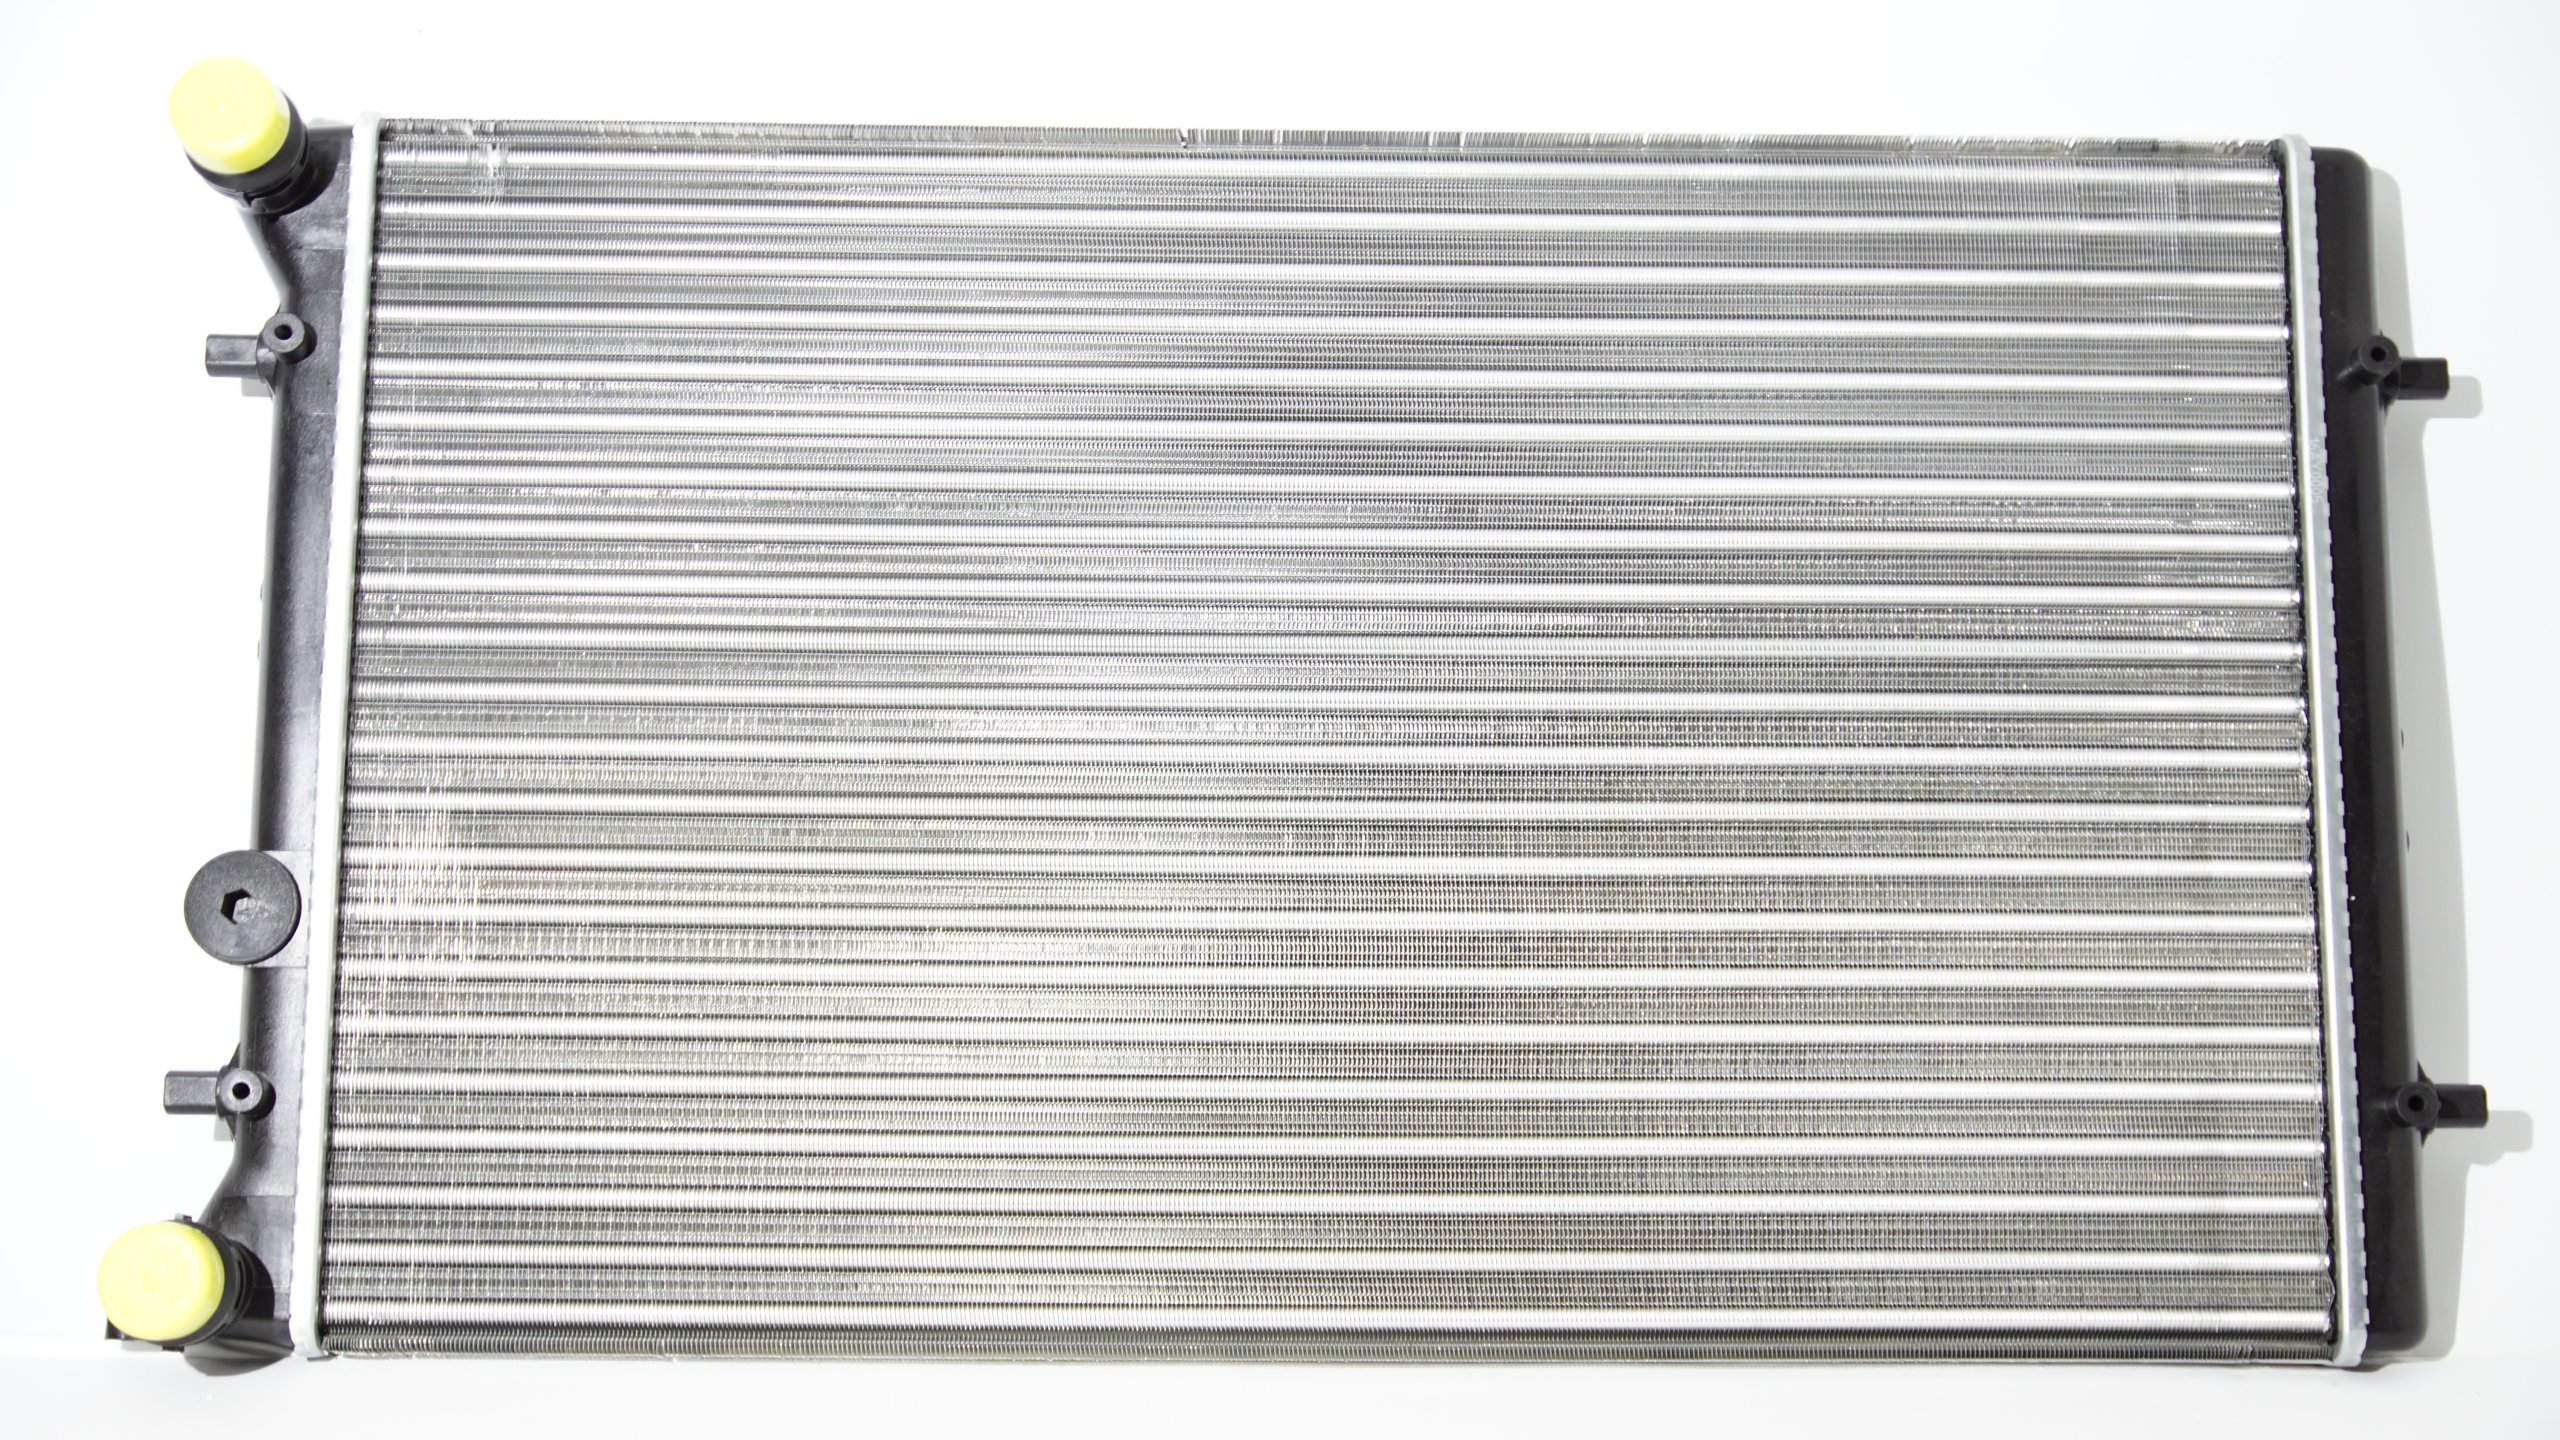 радиатор воды audi a3 1996-2003 16 18 19 новая